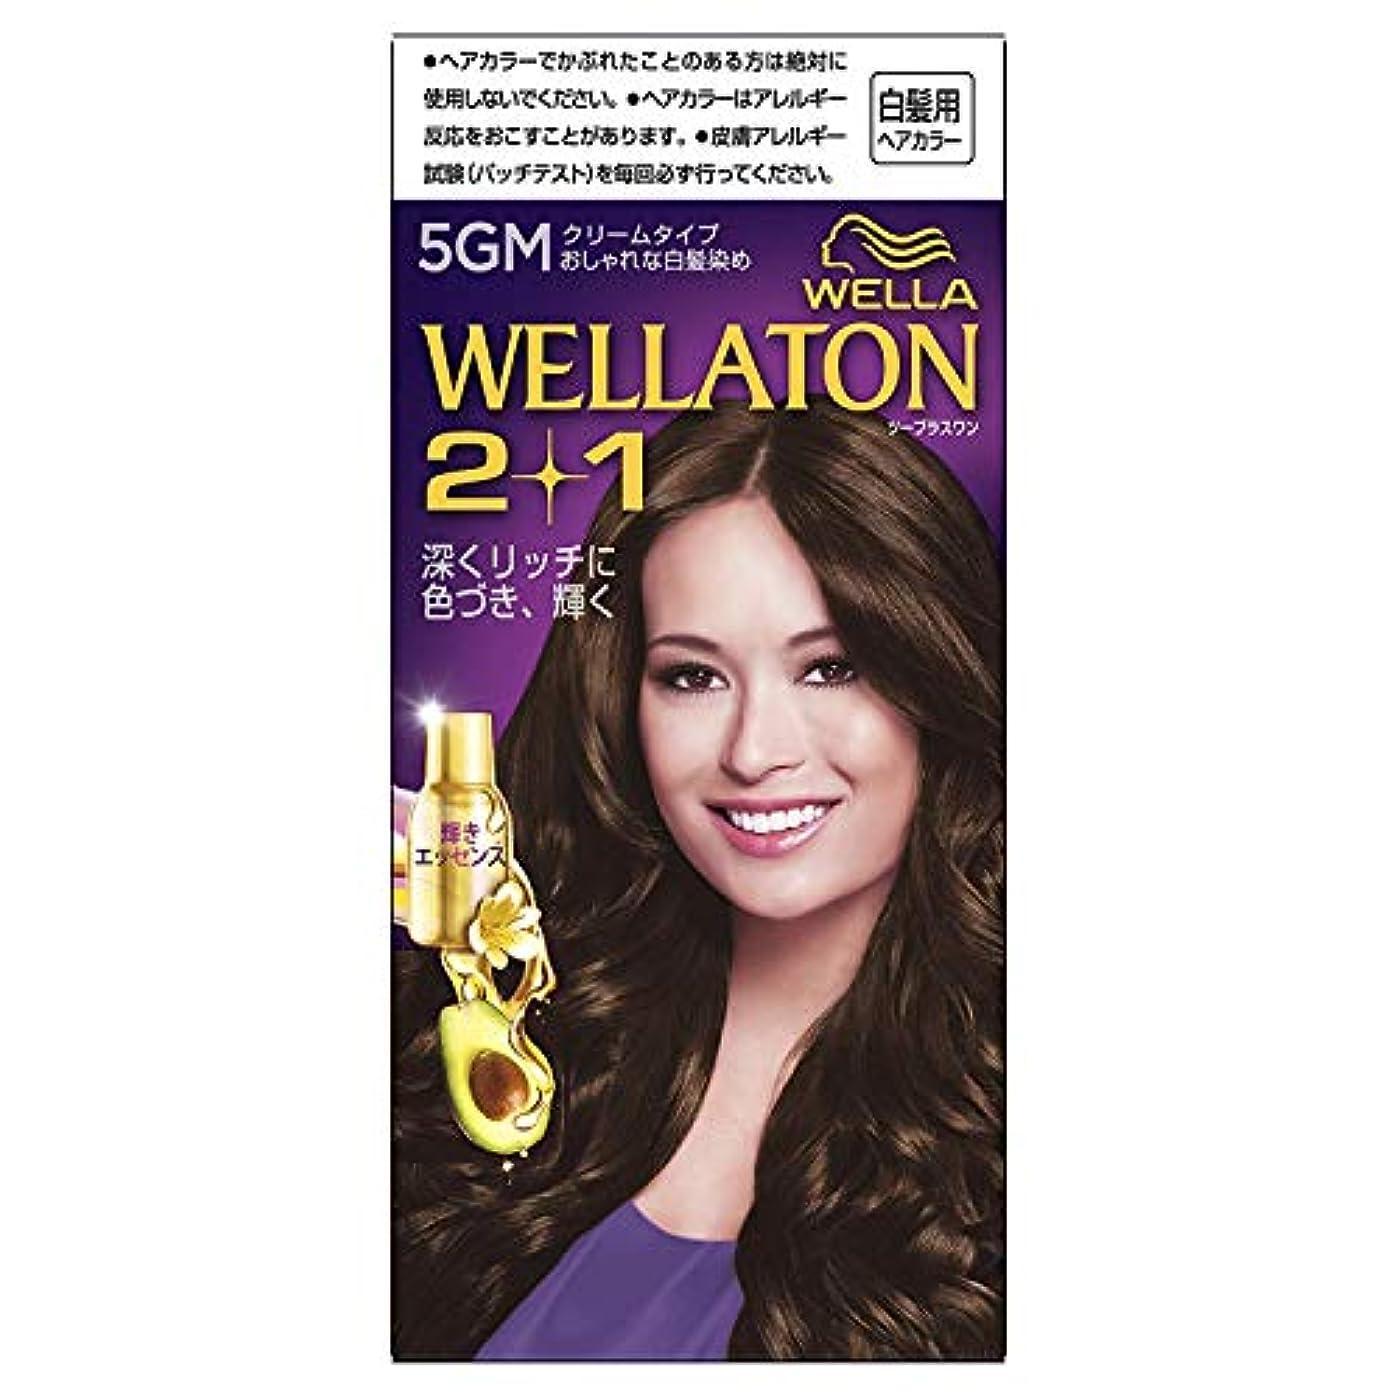 ウエラトーン2+1 クリームタイプ 5GM [医薬部外品]×6個